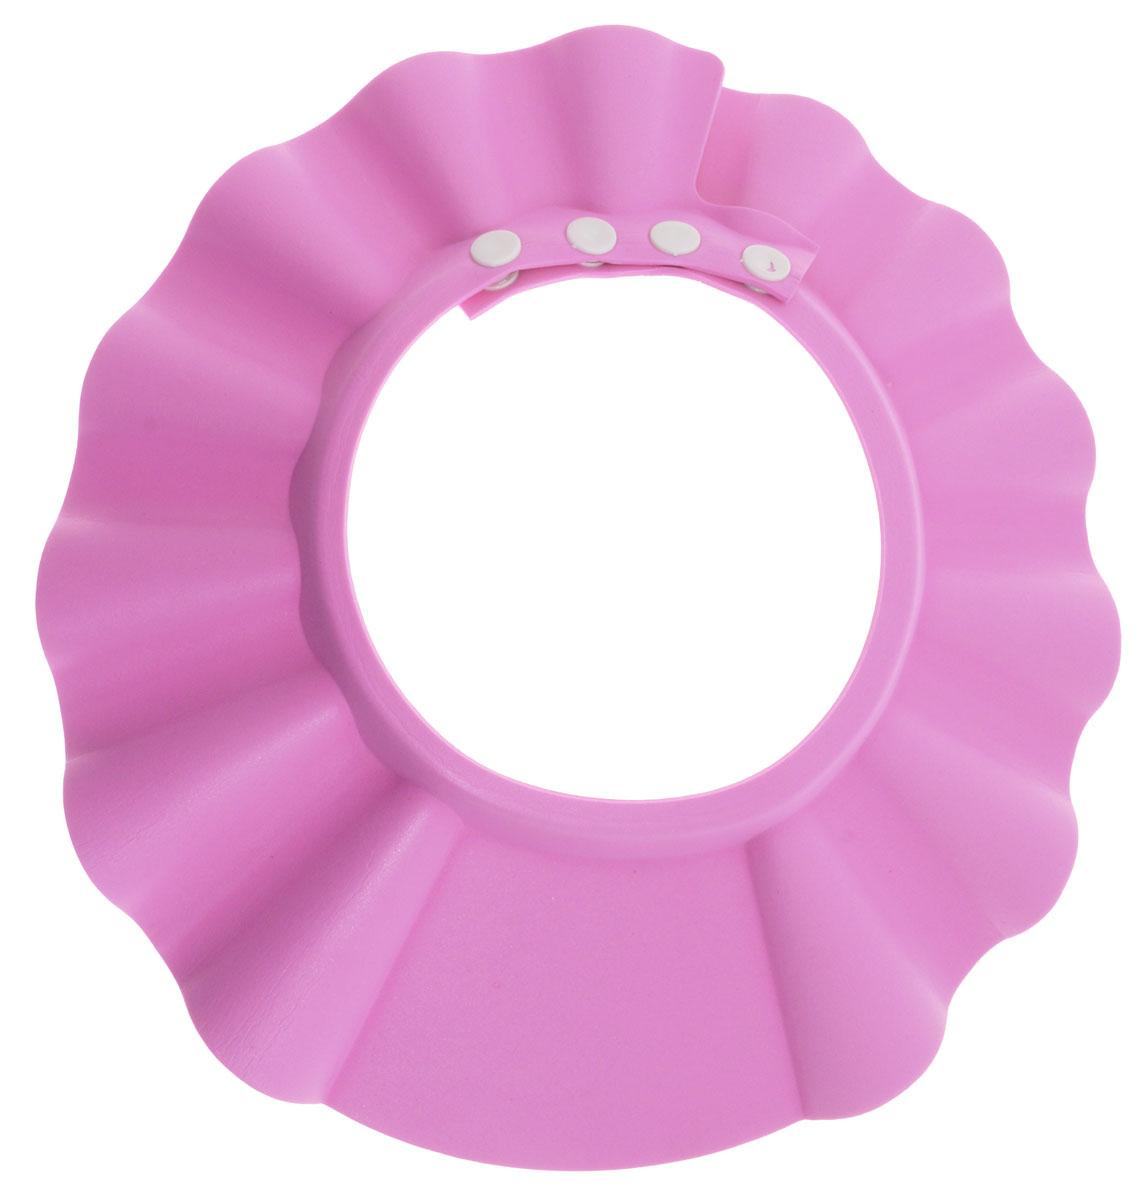 Bradex Козырек для мытья головы Купаемся без слез цвет розовый -  Контейнеры для игрушек, ковши